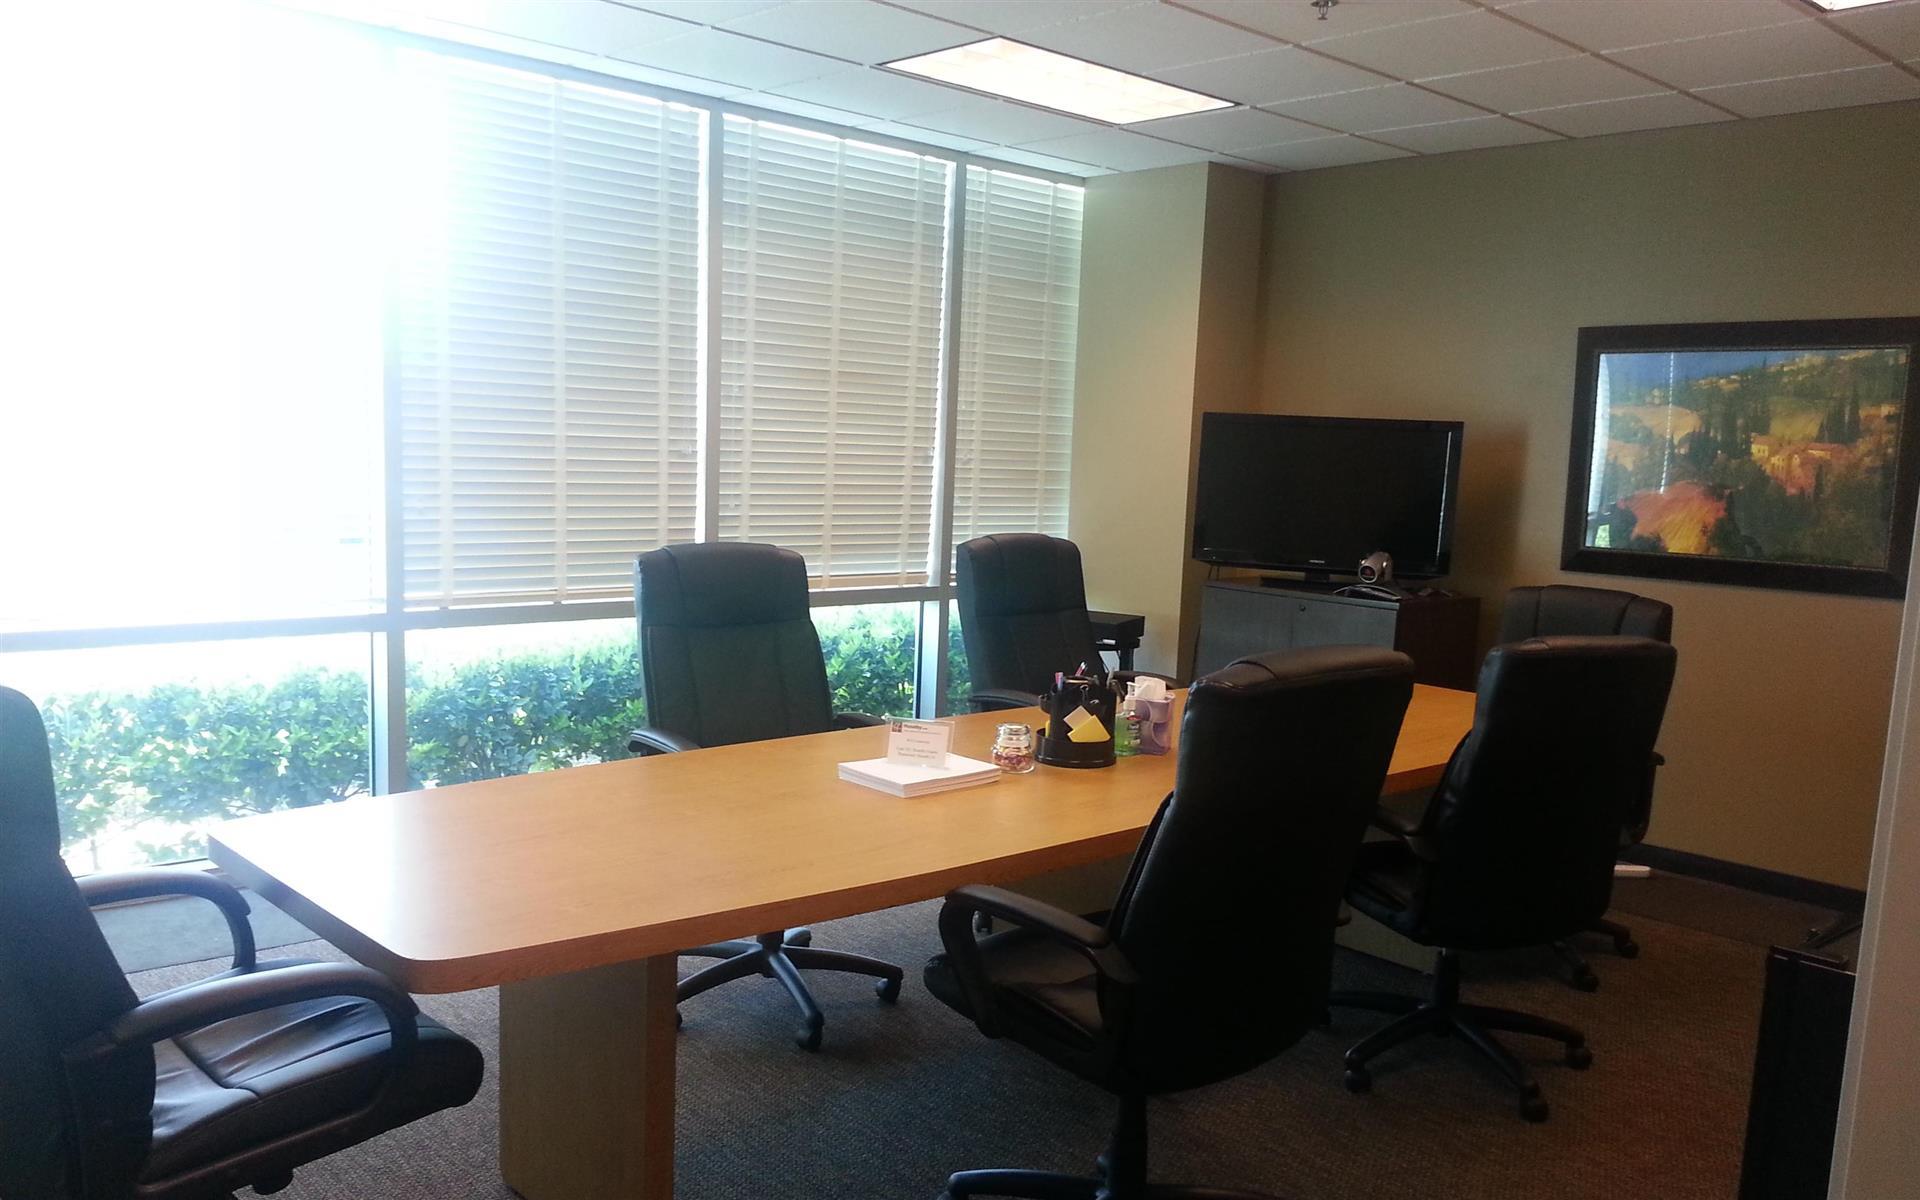 Huseby Fresno - Conference Room/Flexible Workroom 2